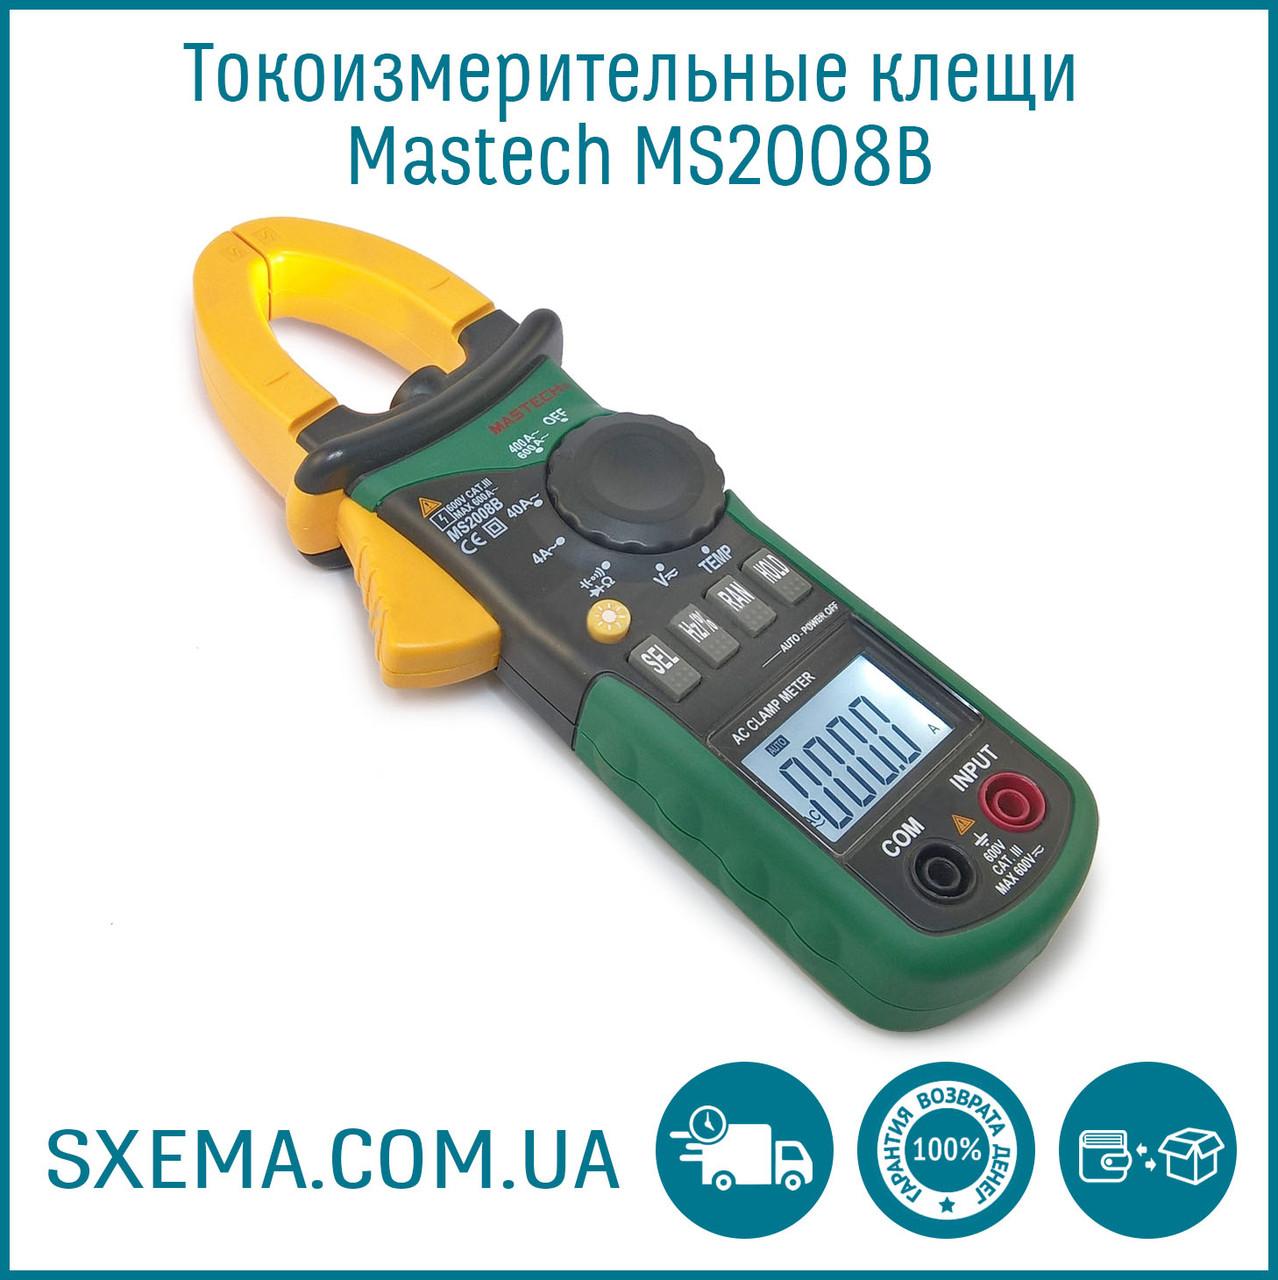 Токоизмерительные токовые клещи MASTECH MS2008B